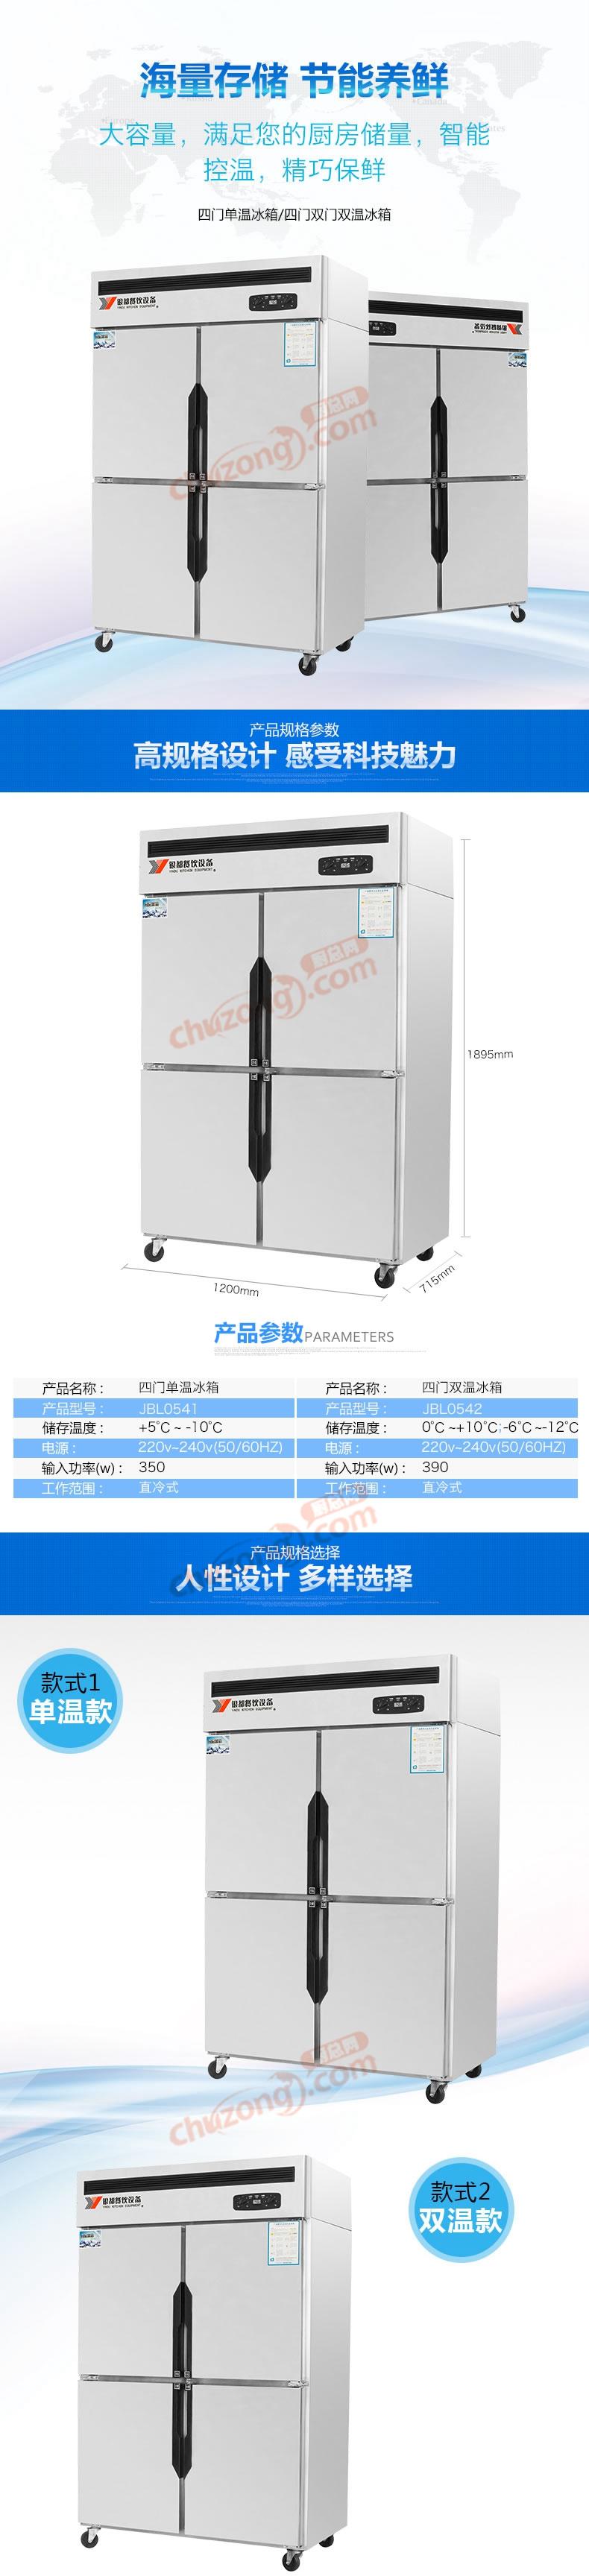 銀都四門雙溫冰箱JBL0541詳情圖